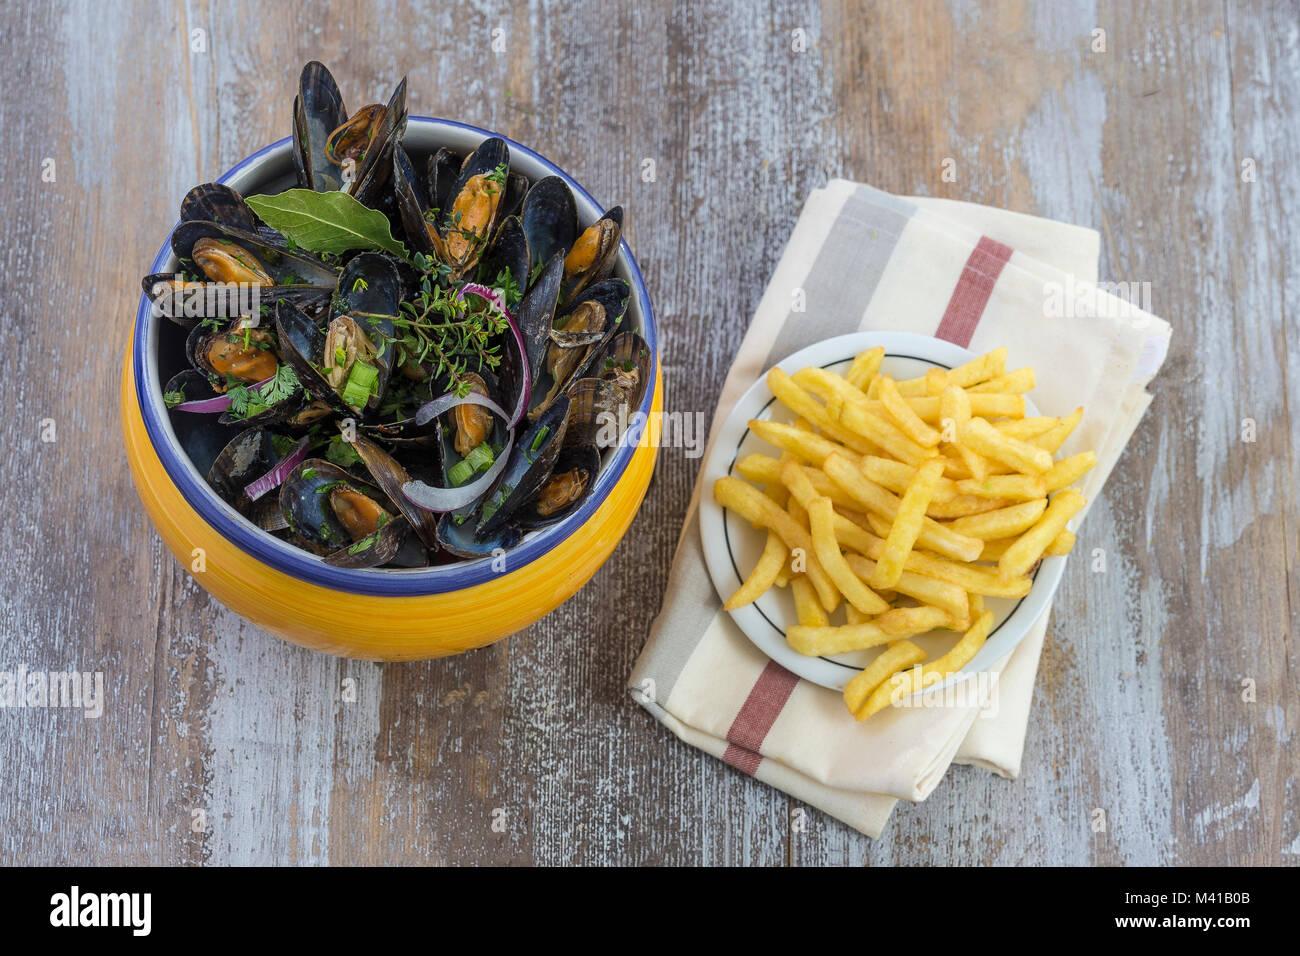 Blu francese cozza con le erbe in una vaschetta di colore giallo con patatine fritte di vetro su ramekin tovagliolo Immagini Stock